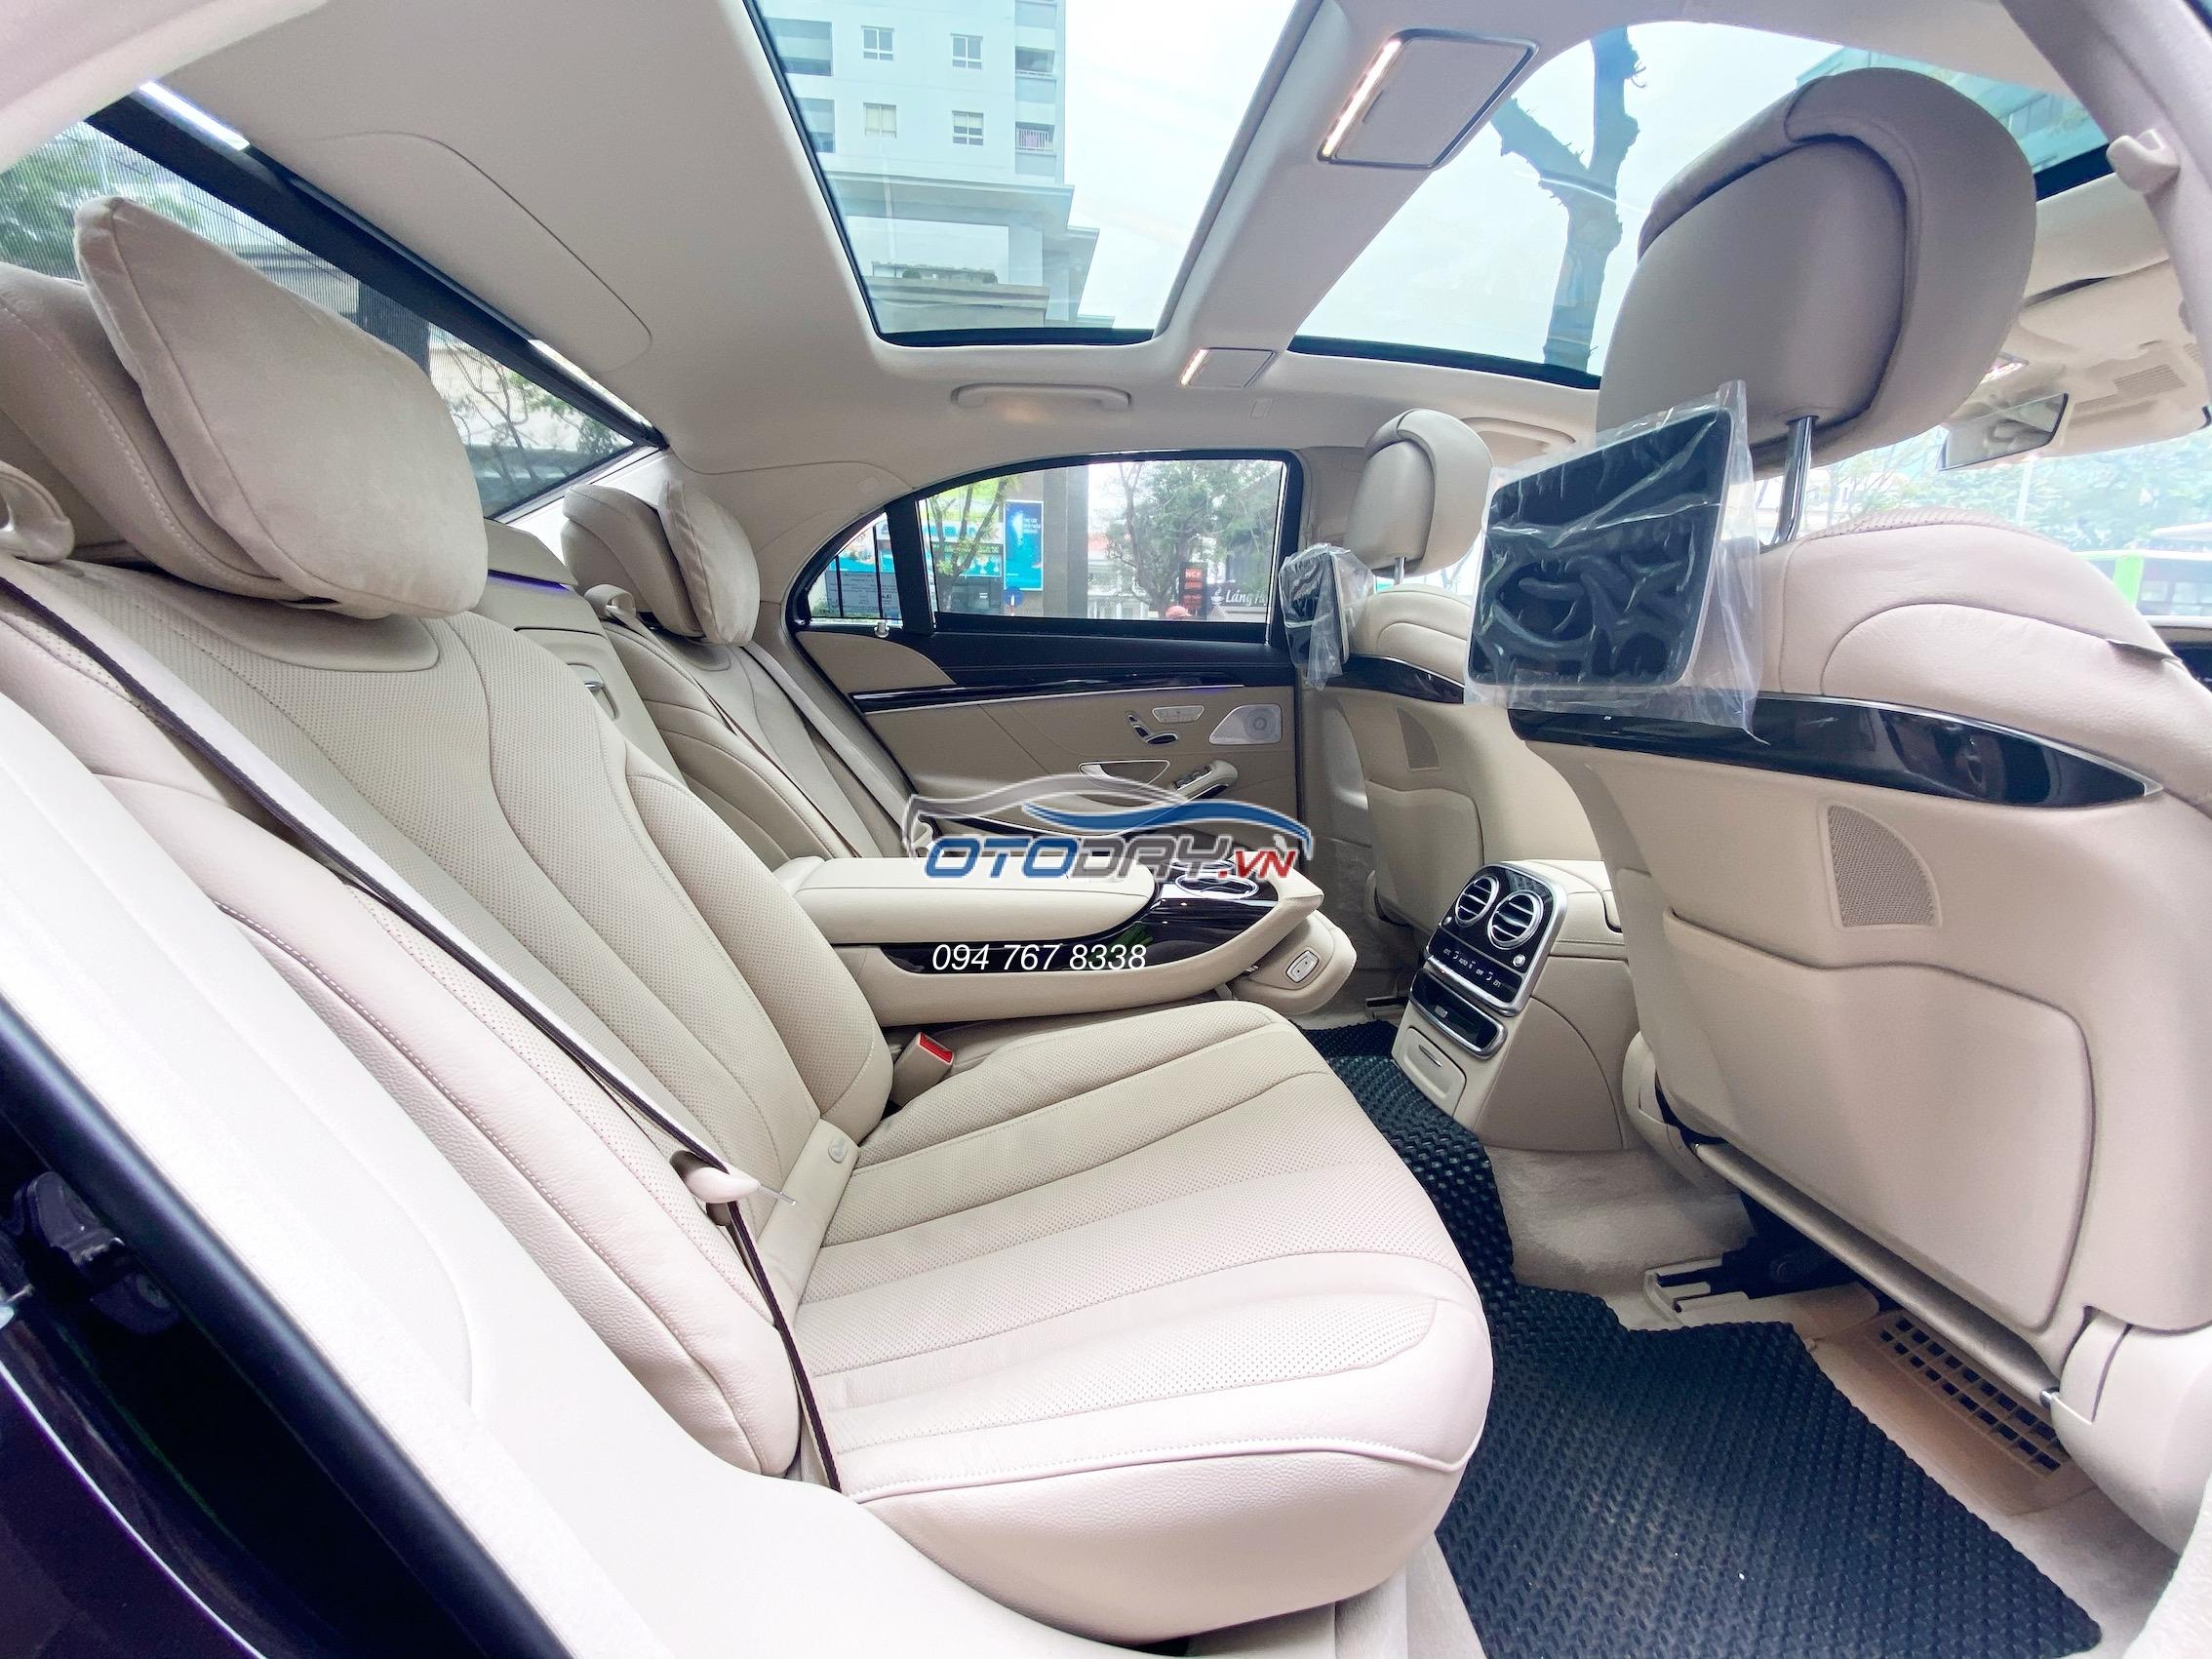 Bán xe Mercedes S450L 2021 bản Limited Siêu lướt Chính chủ biển cực đẹp Giá tốt